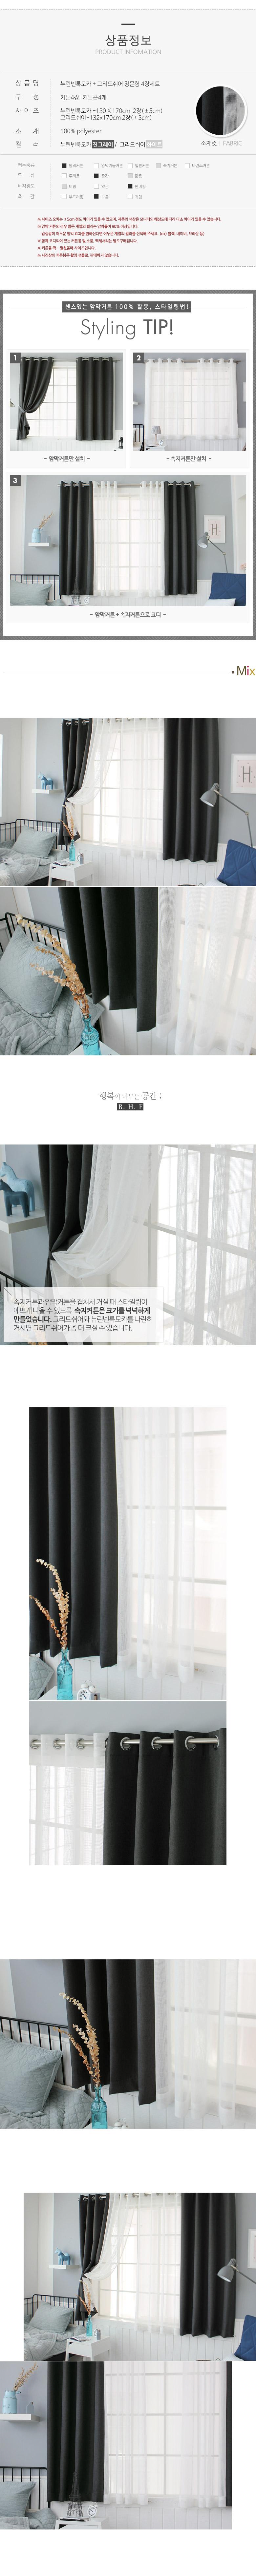 BHF 호텔식 뉴린넨룩모카+그리드쉬어 창문커튼 4장 - 비에이치에프, 49,900원, 암막커튼, 무지/솔리드